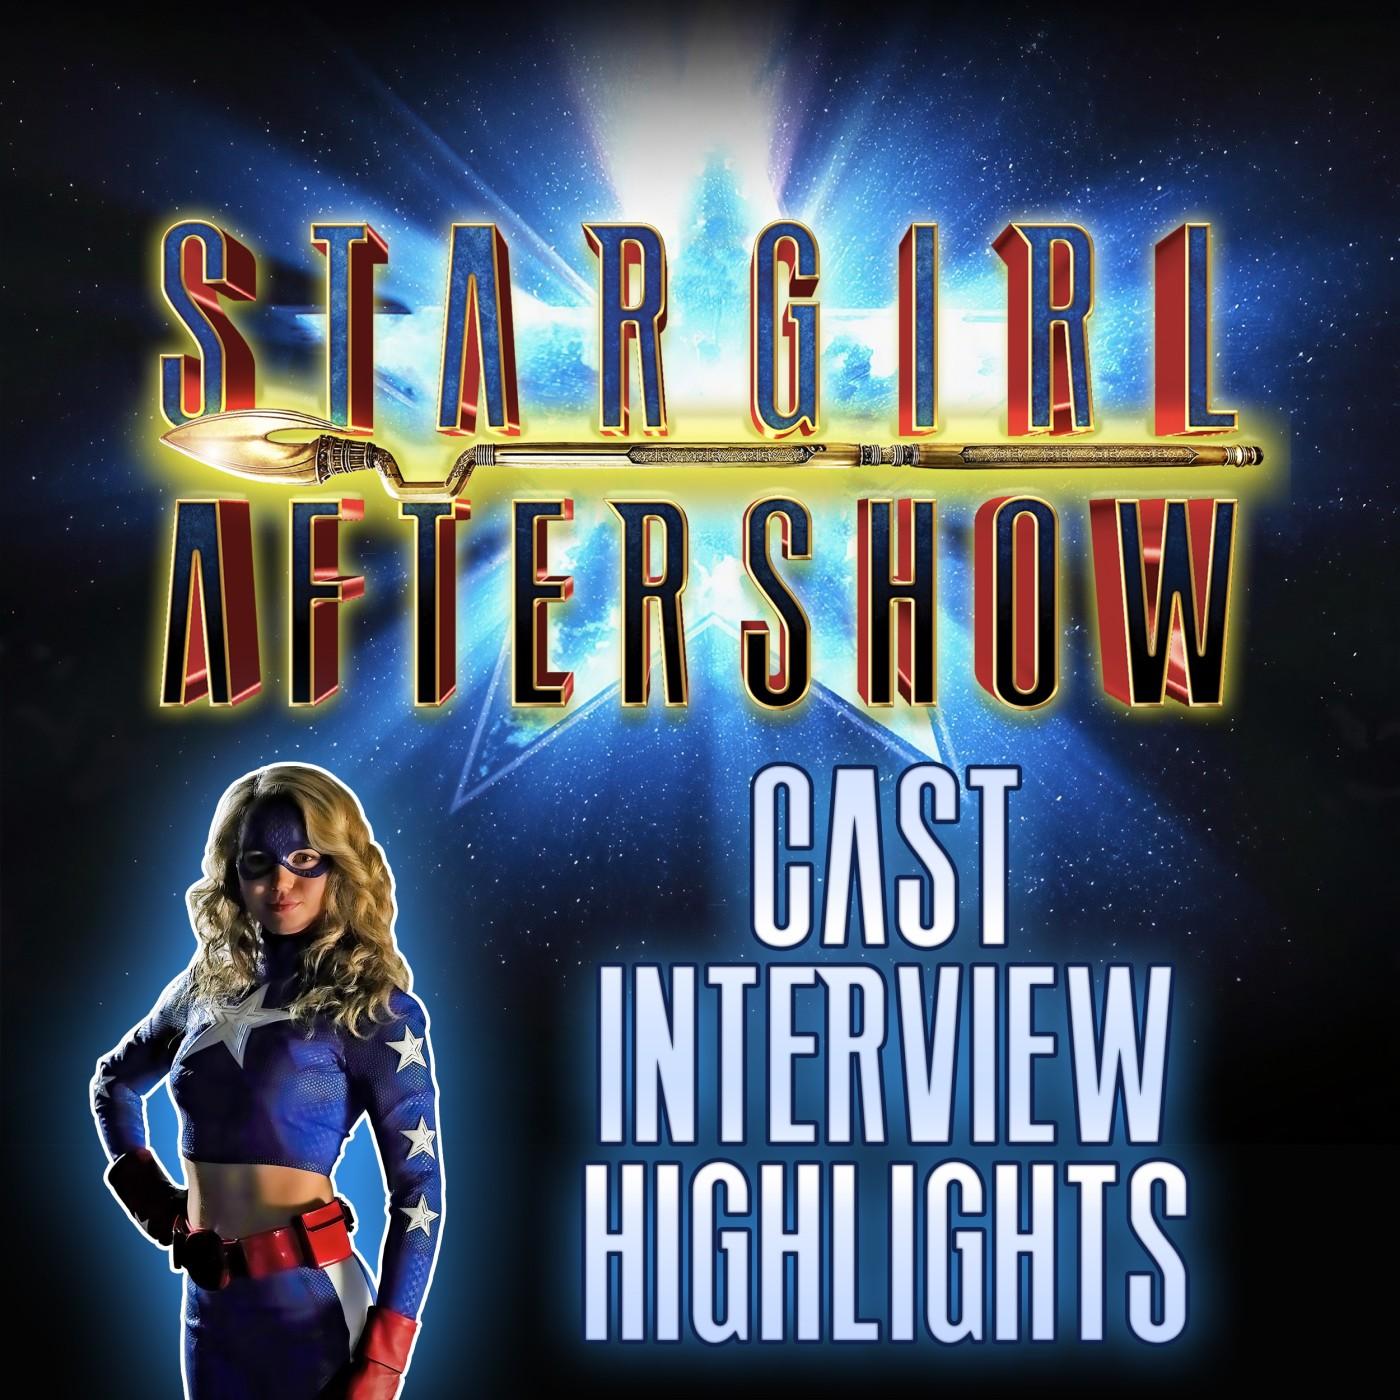 Season 0 – Episode 9: Cast Interview Highlights